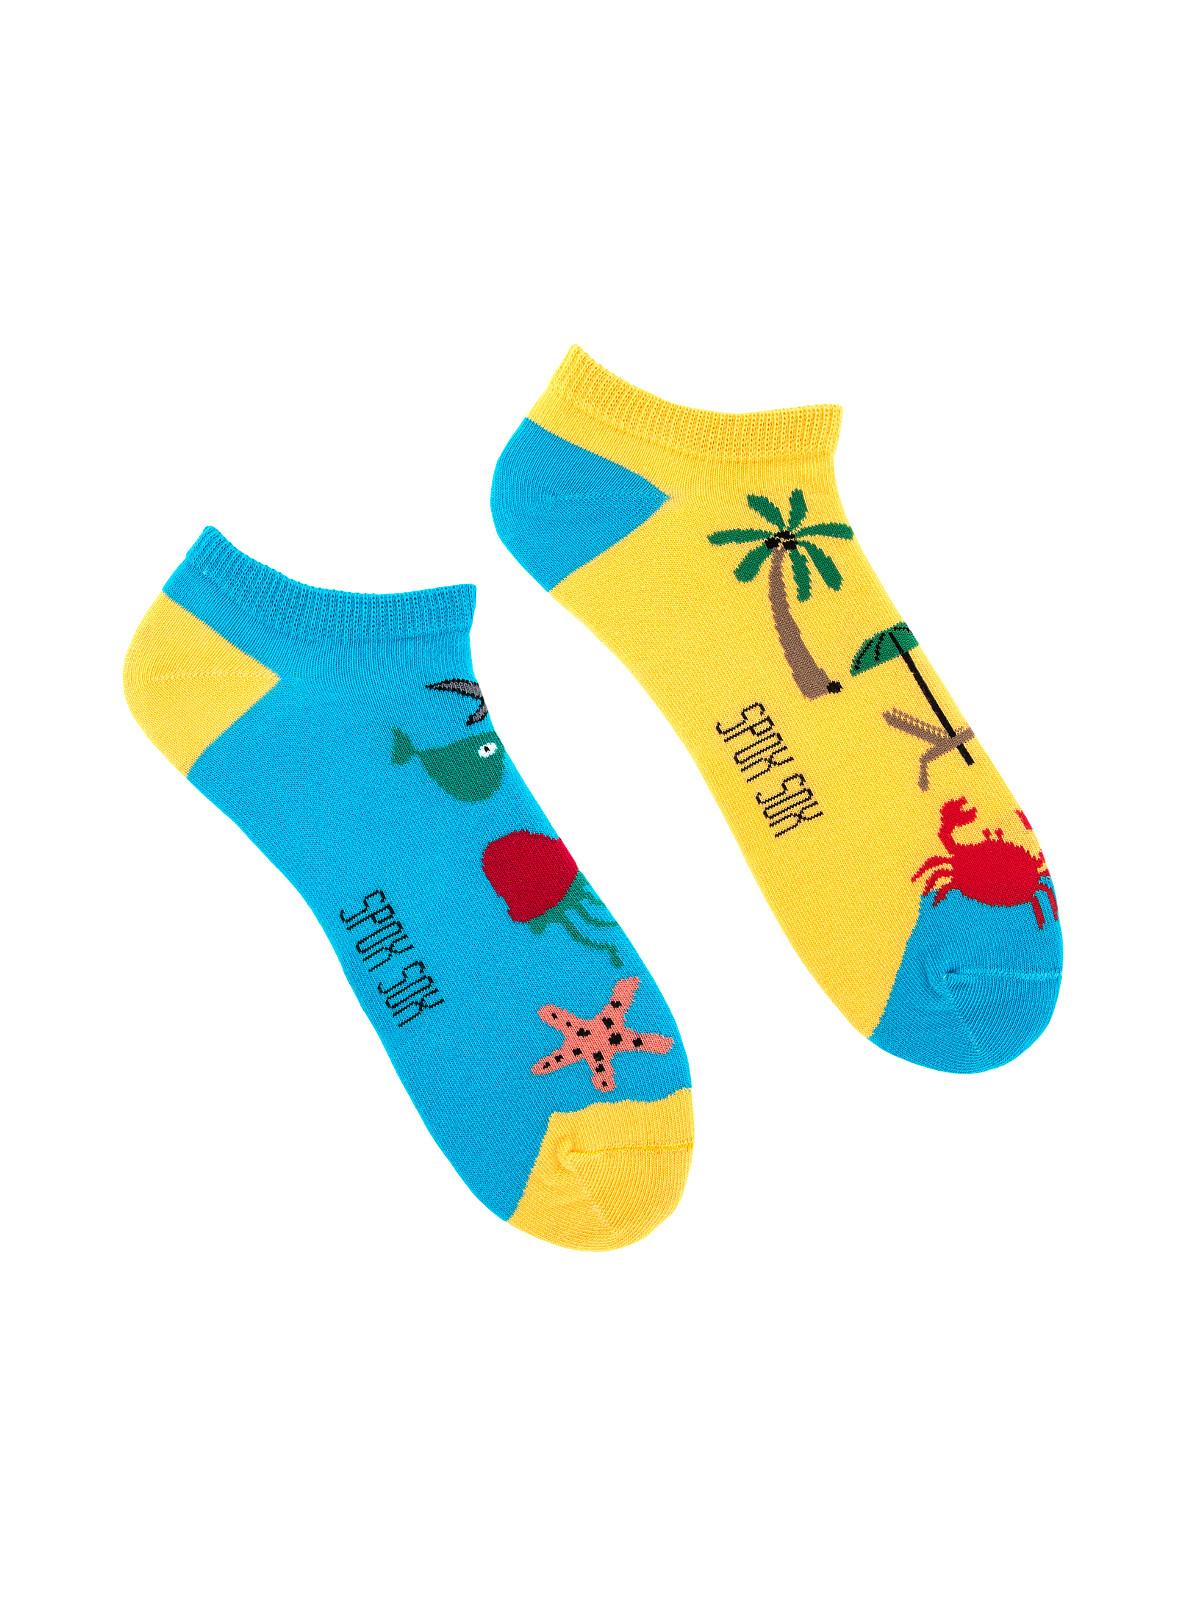 Ponožky Spox Sox Pláž a moře